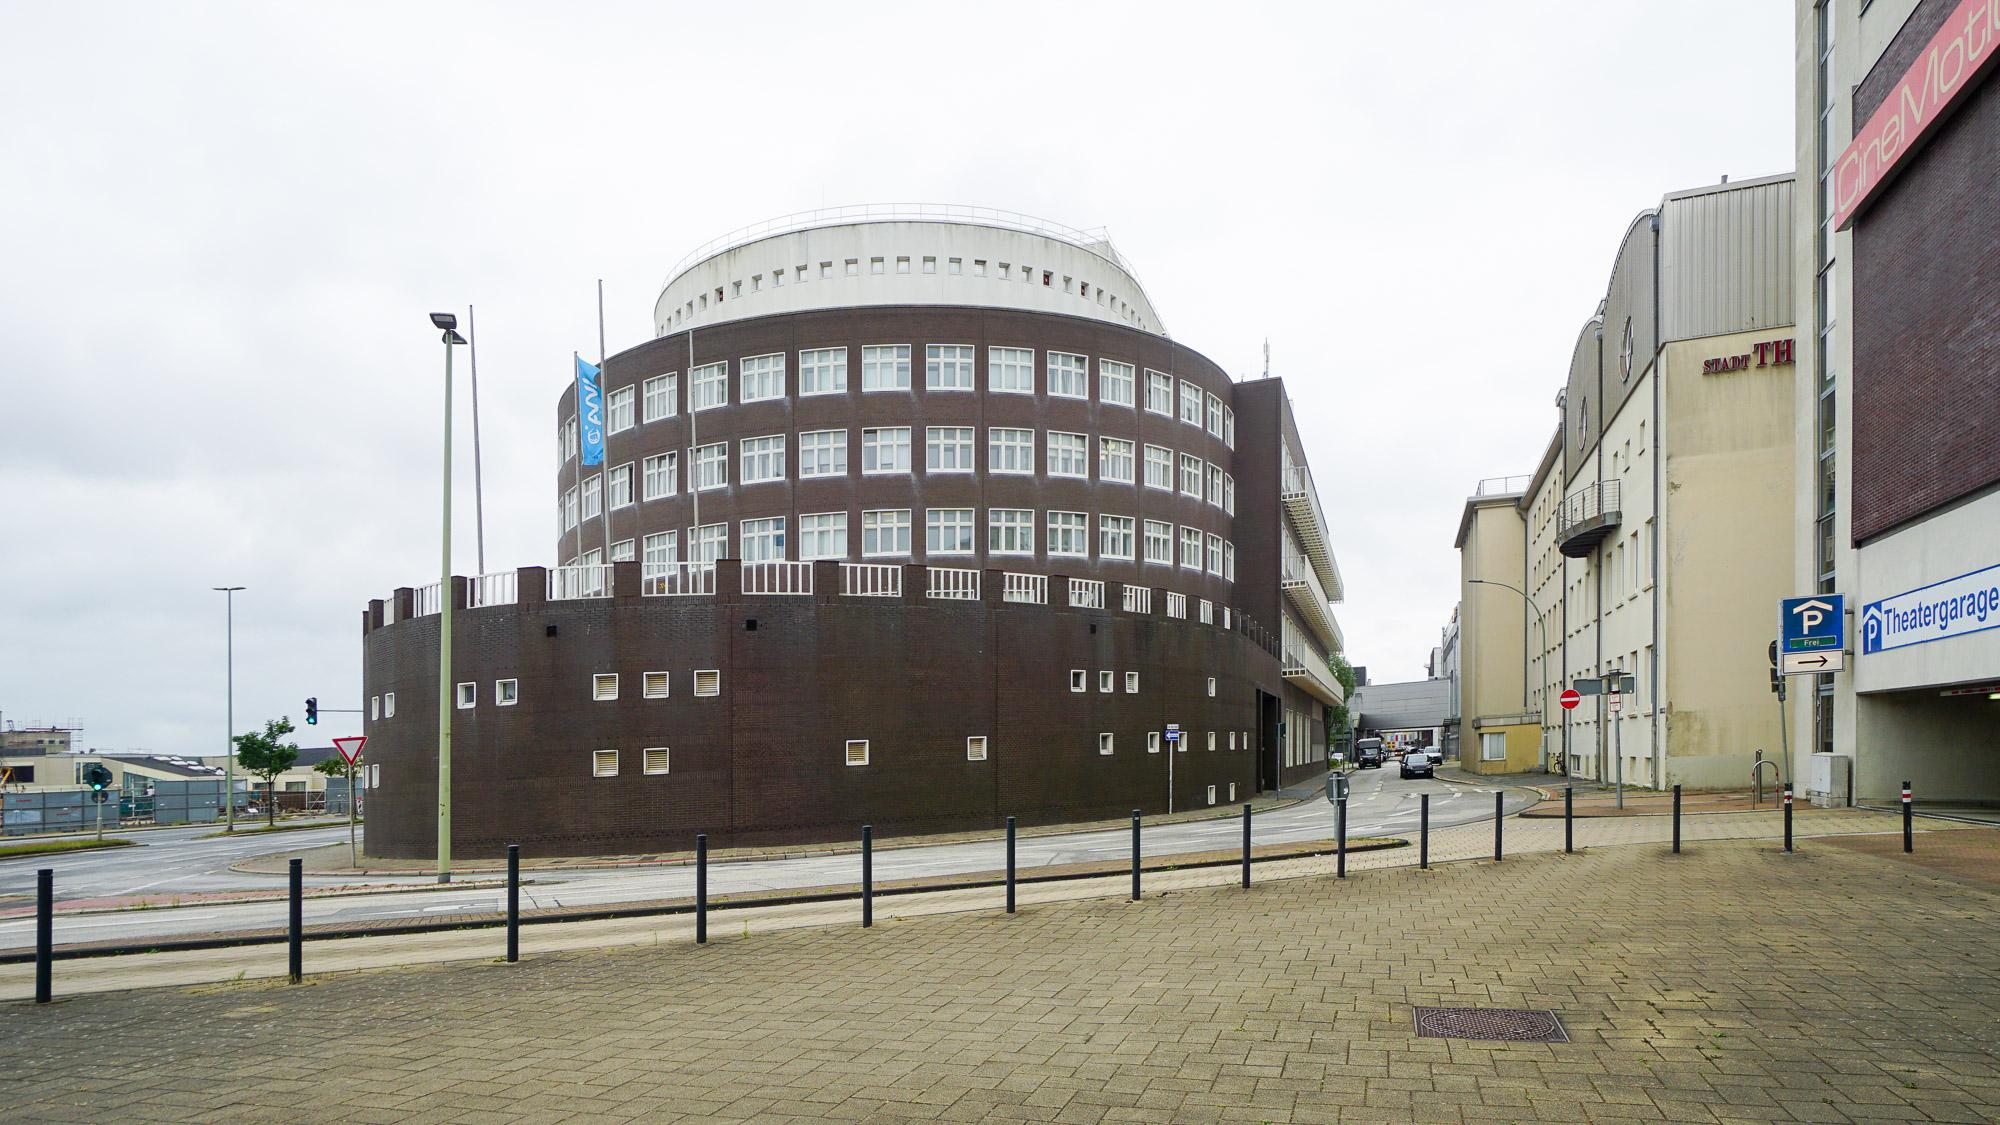 Halbrund geformtes mächtiges Gebäude in dunklem Backstein und oben weißem Material. Viele Fenster, Schiffsanmutung